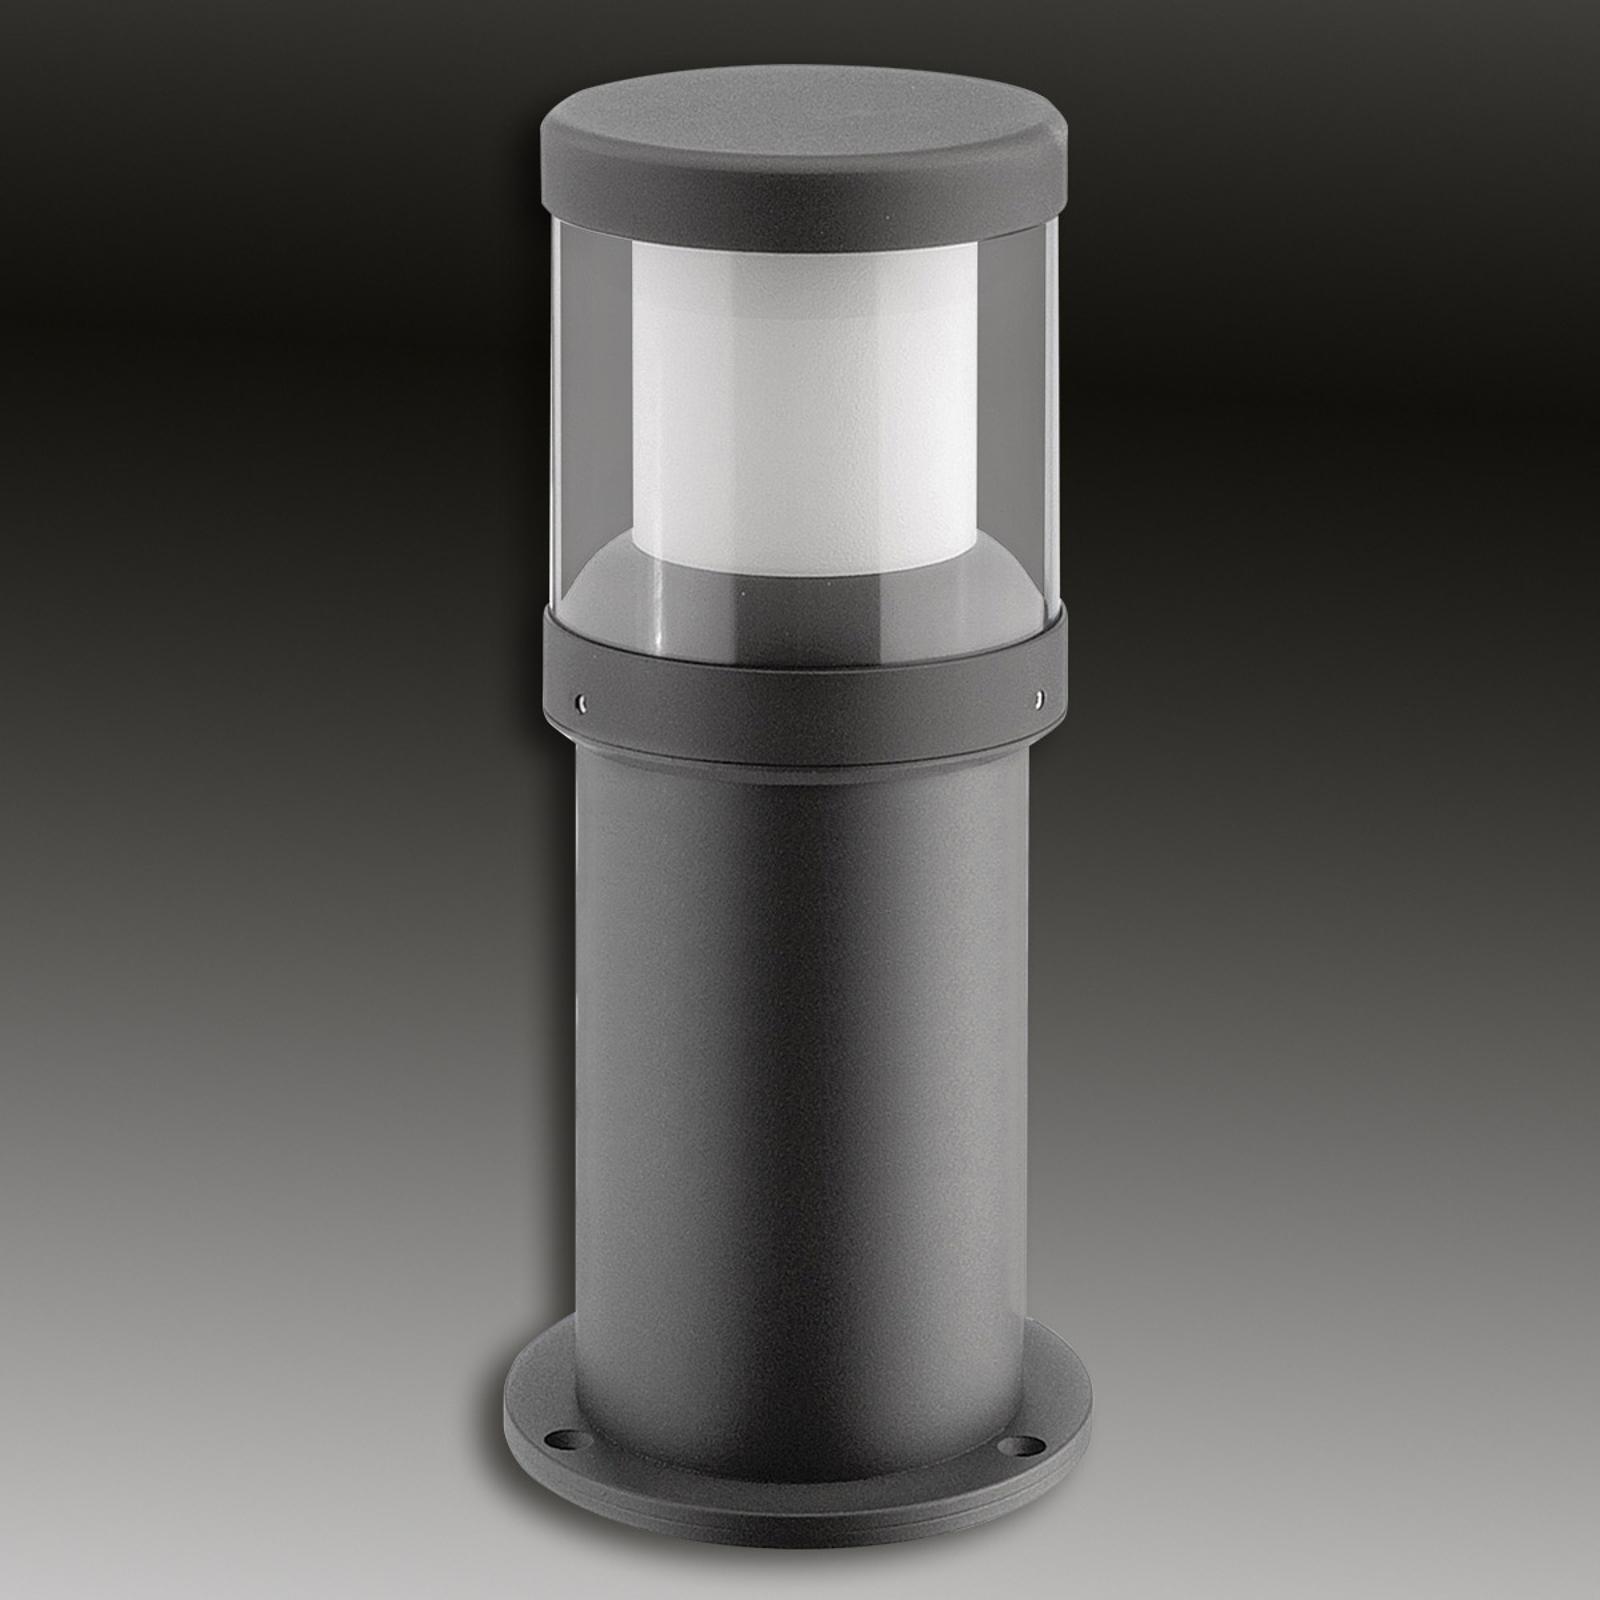 Lampione a LED Levent verniciato a polvere, IP65